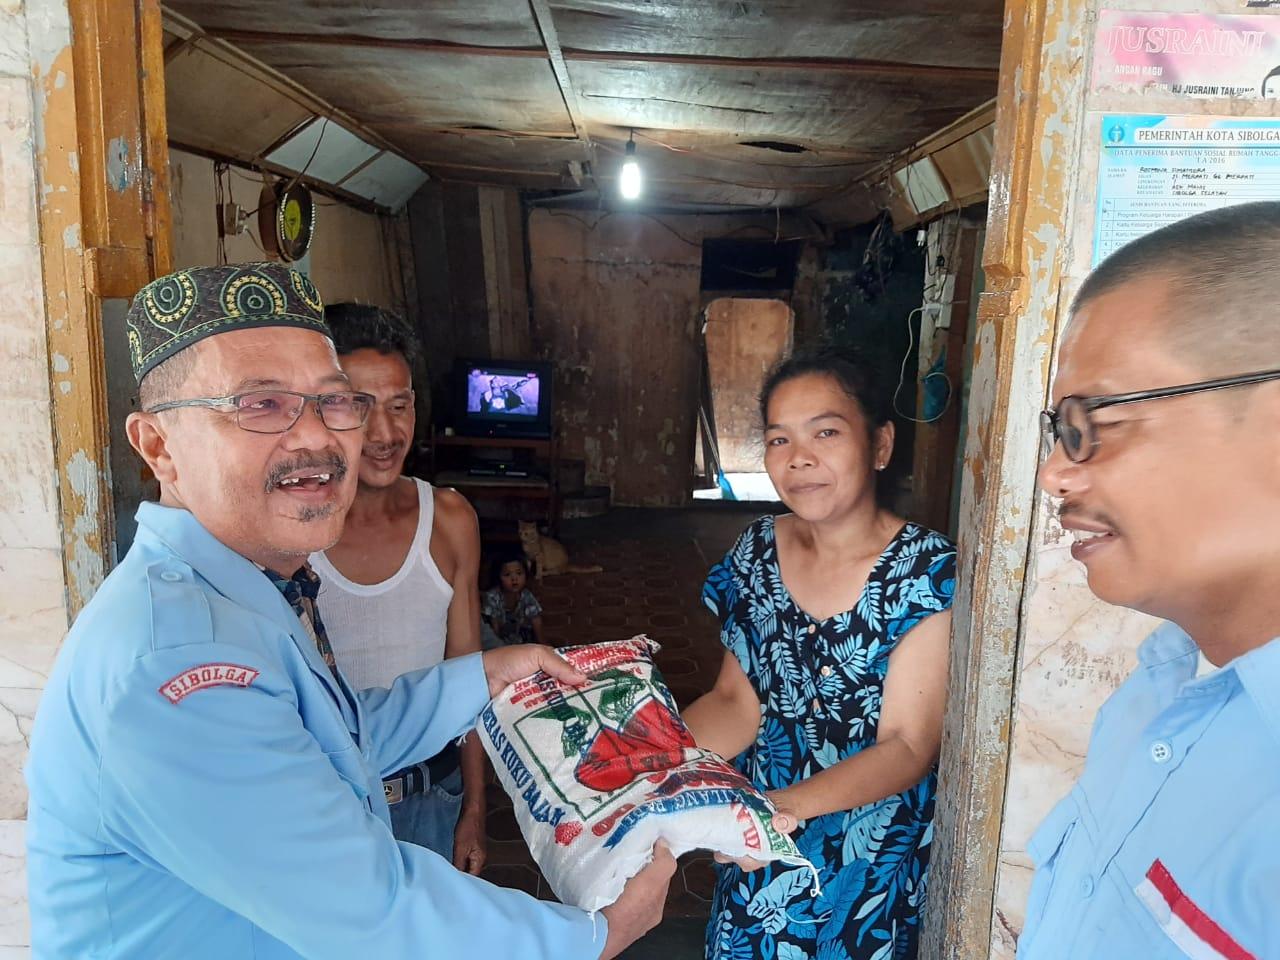 DPC HNSI Dan Rukun Nelayan Sibolga Peringati HUT Ke 47 Dengan Bagikan Sembako